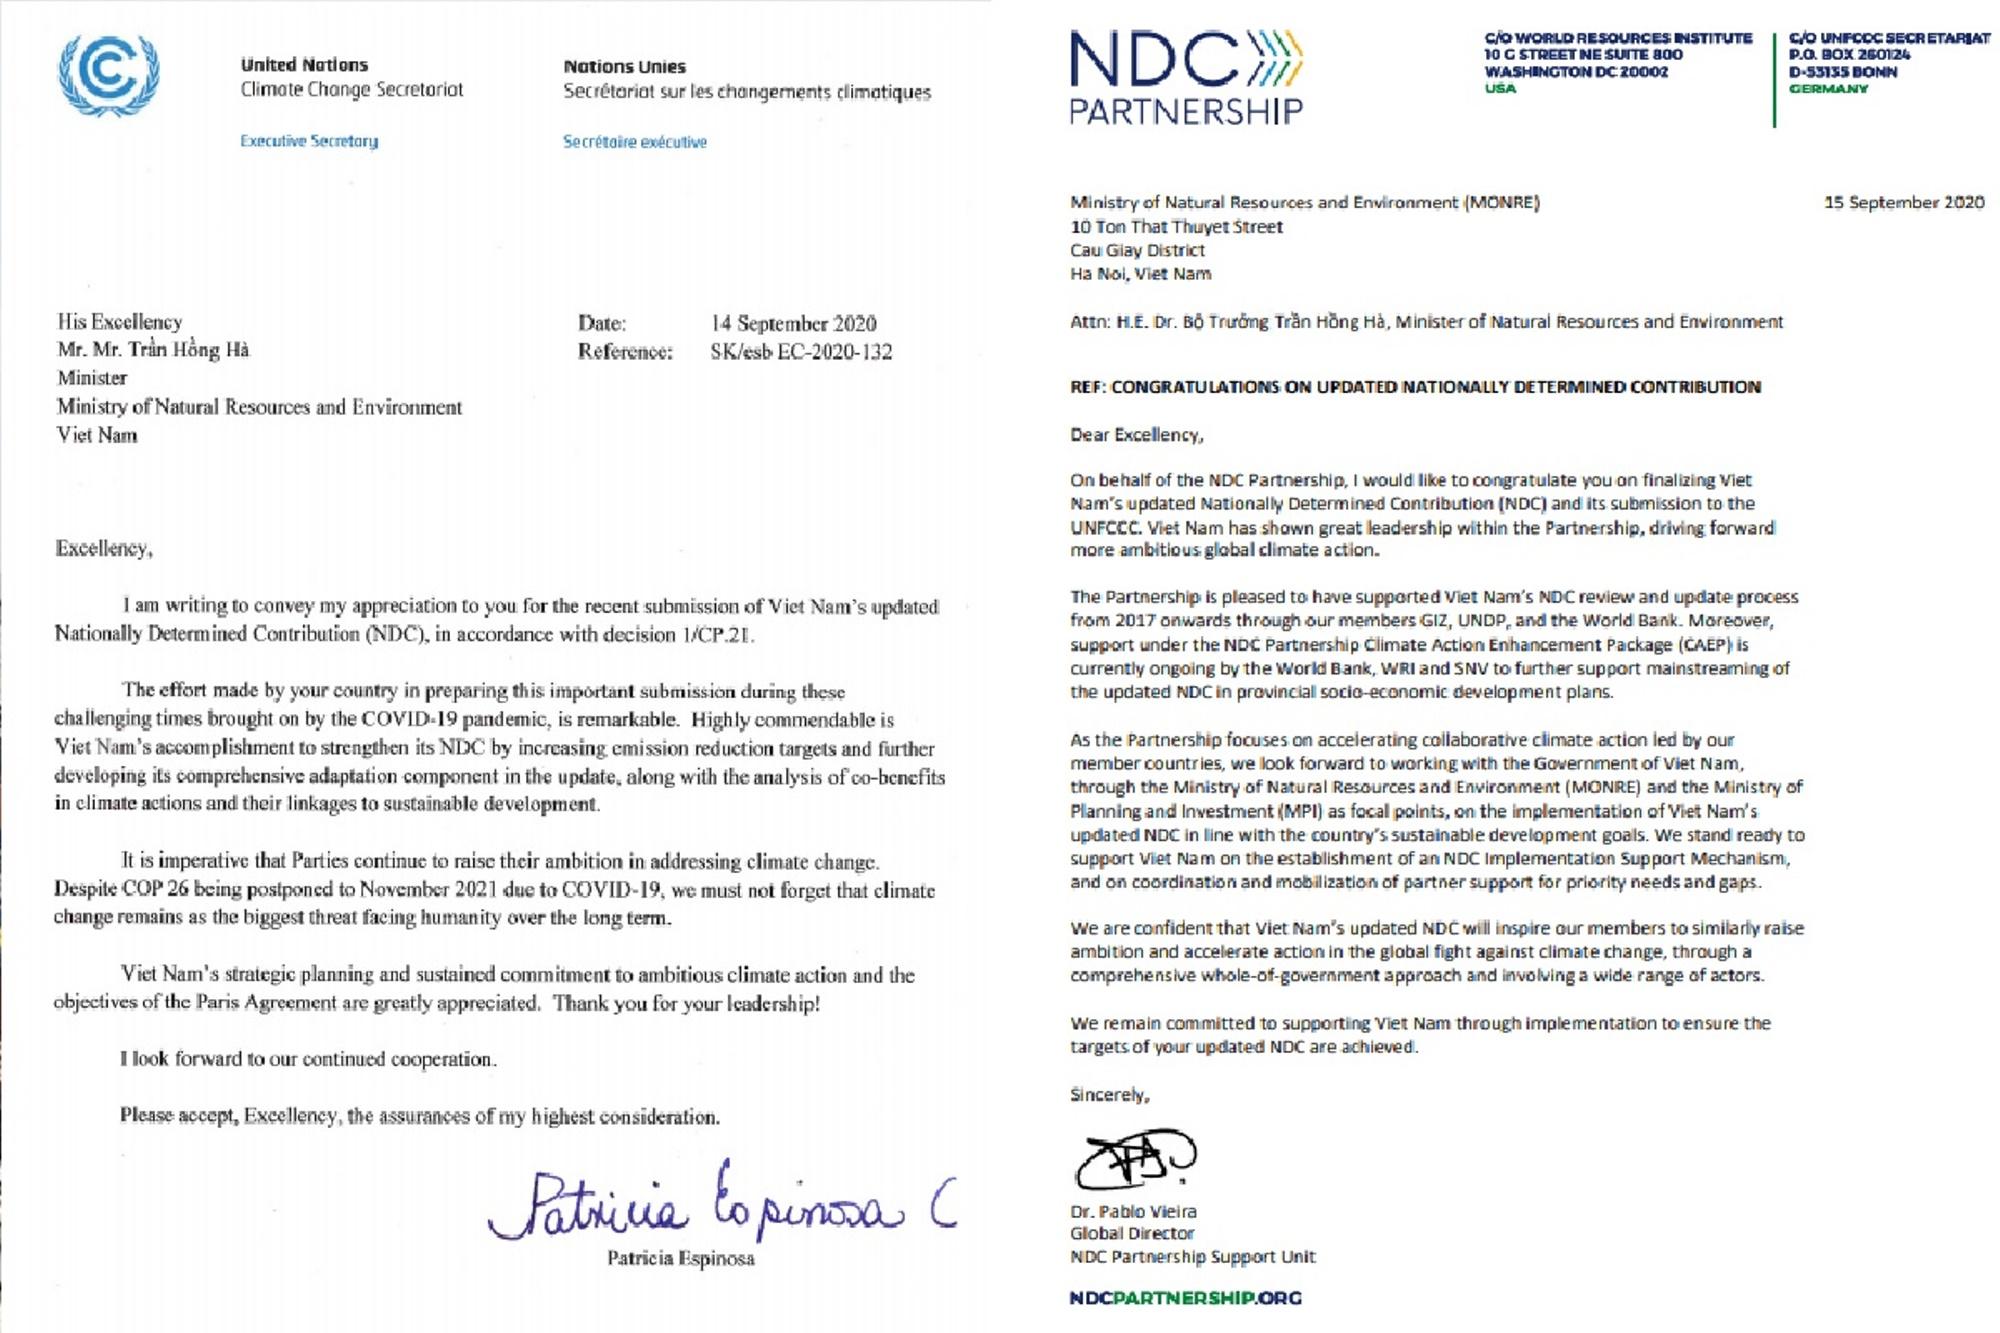 Письмо Патрисии Эспинозы, исполнительного секретаря РКИК ООН, и Пабло Виейры, директора организации Партнерства NDC, министру природных ресурсов и окружающей среды. (Источник: Департамент изменения климата)